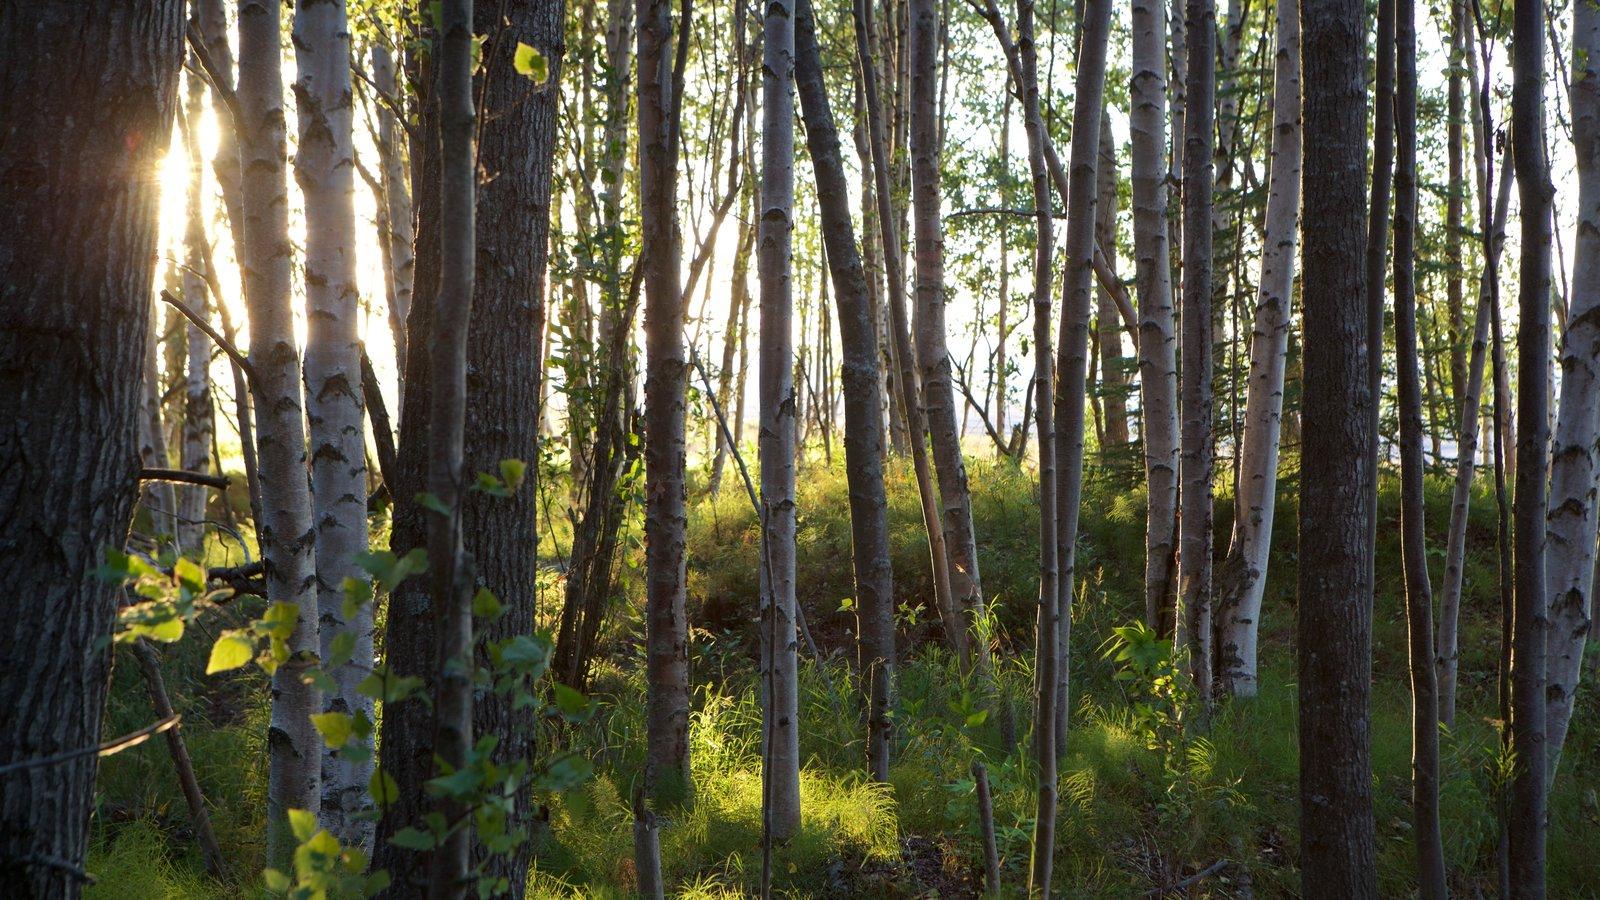 Ruta costera Tony Knowles mostrando una puesta de sol y escenas forestales